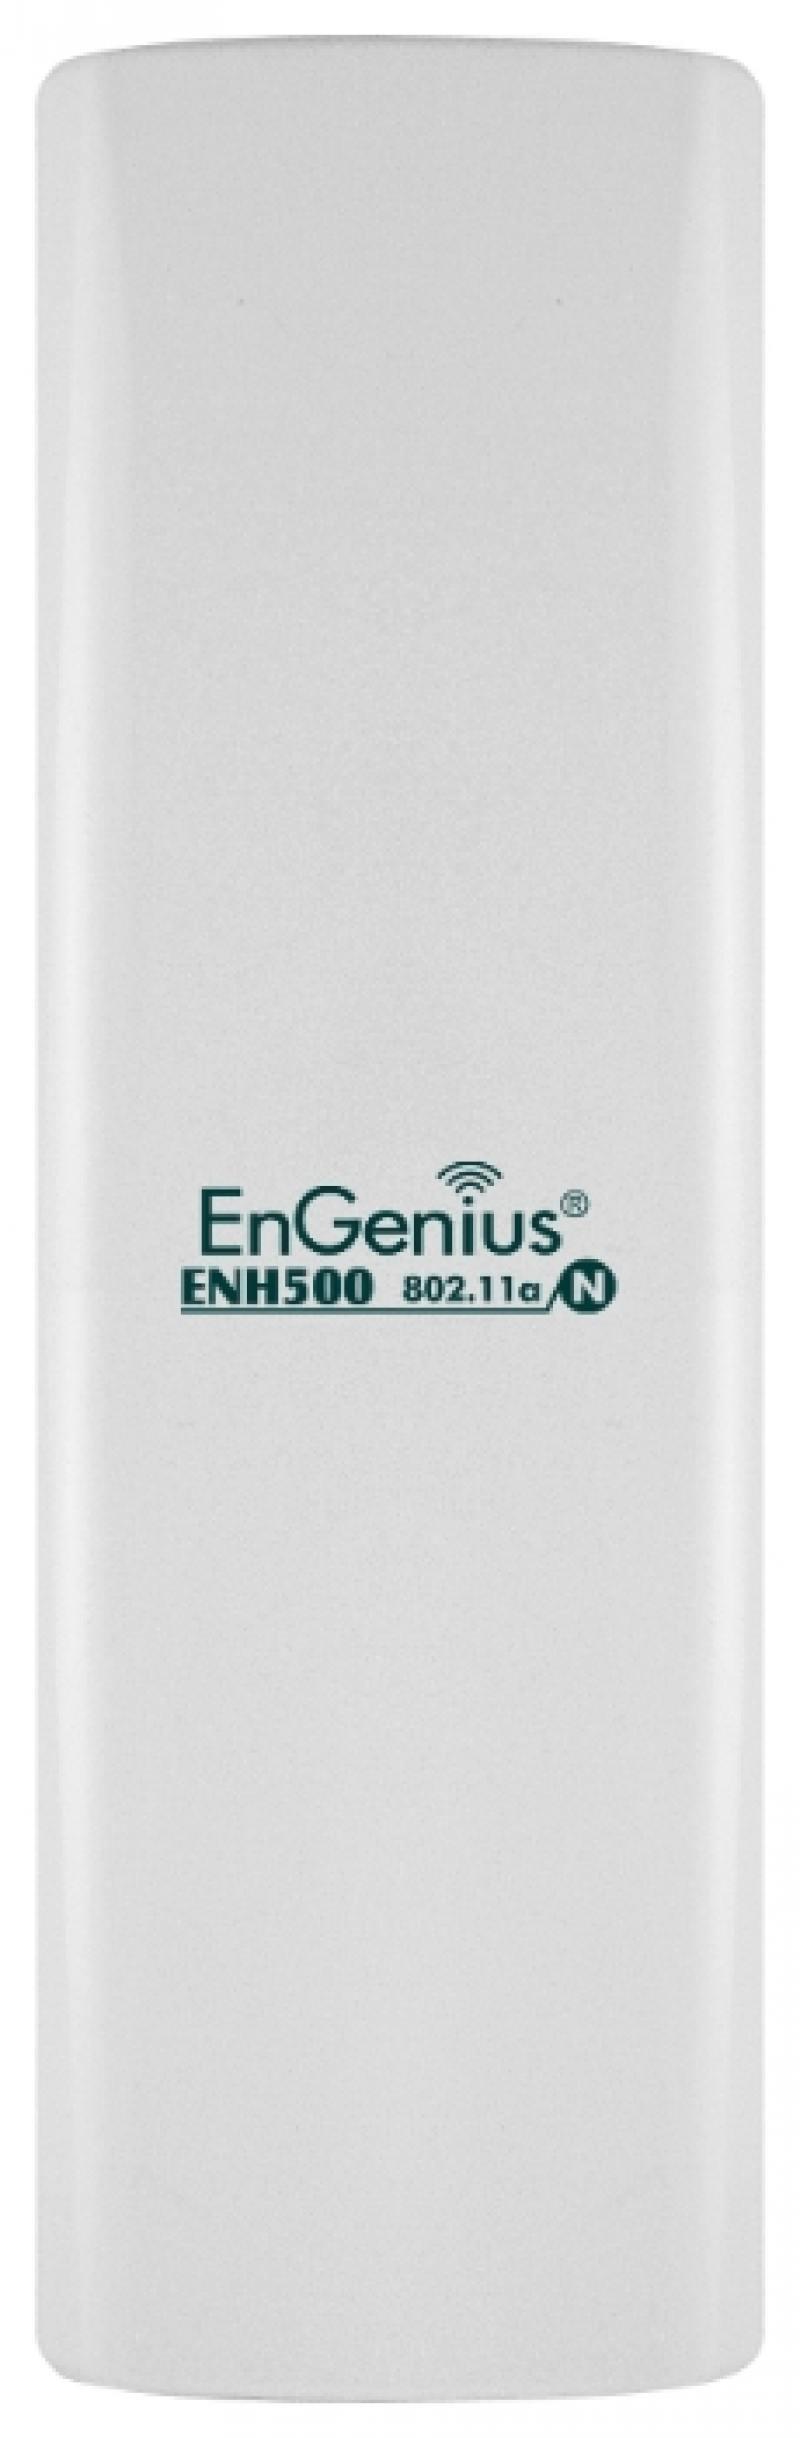 Точка доступа EnGenius ENH500 802.11bgn 300Mbps 5 ГГц 2xLAN RJ-45 белый